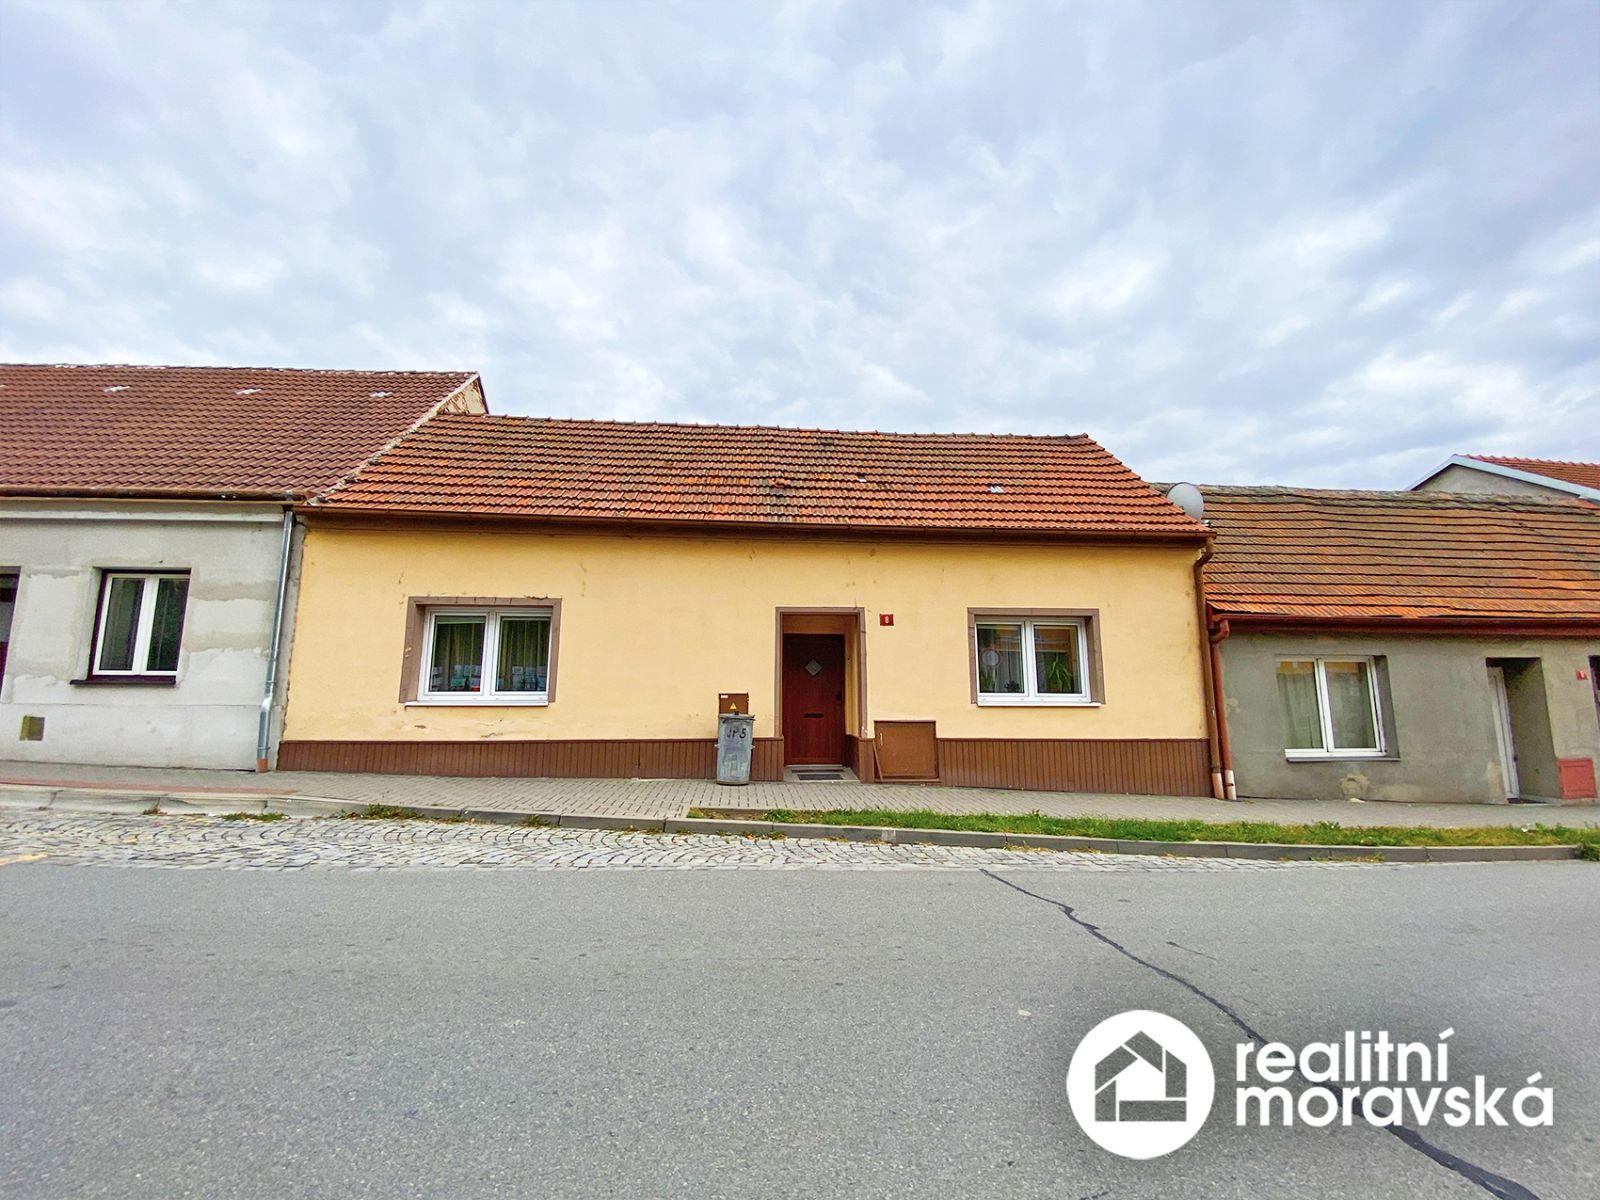 Prodej rodinného domu v Ivančicích